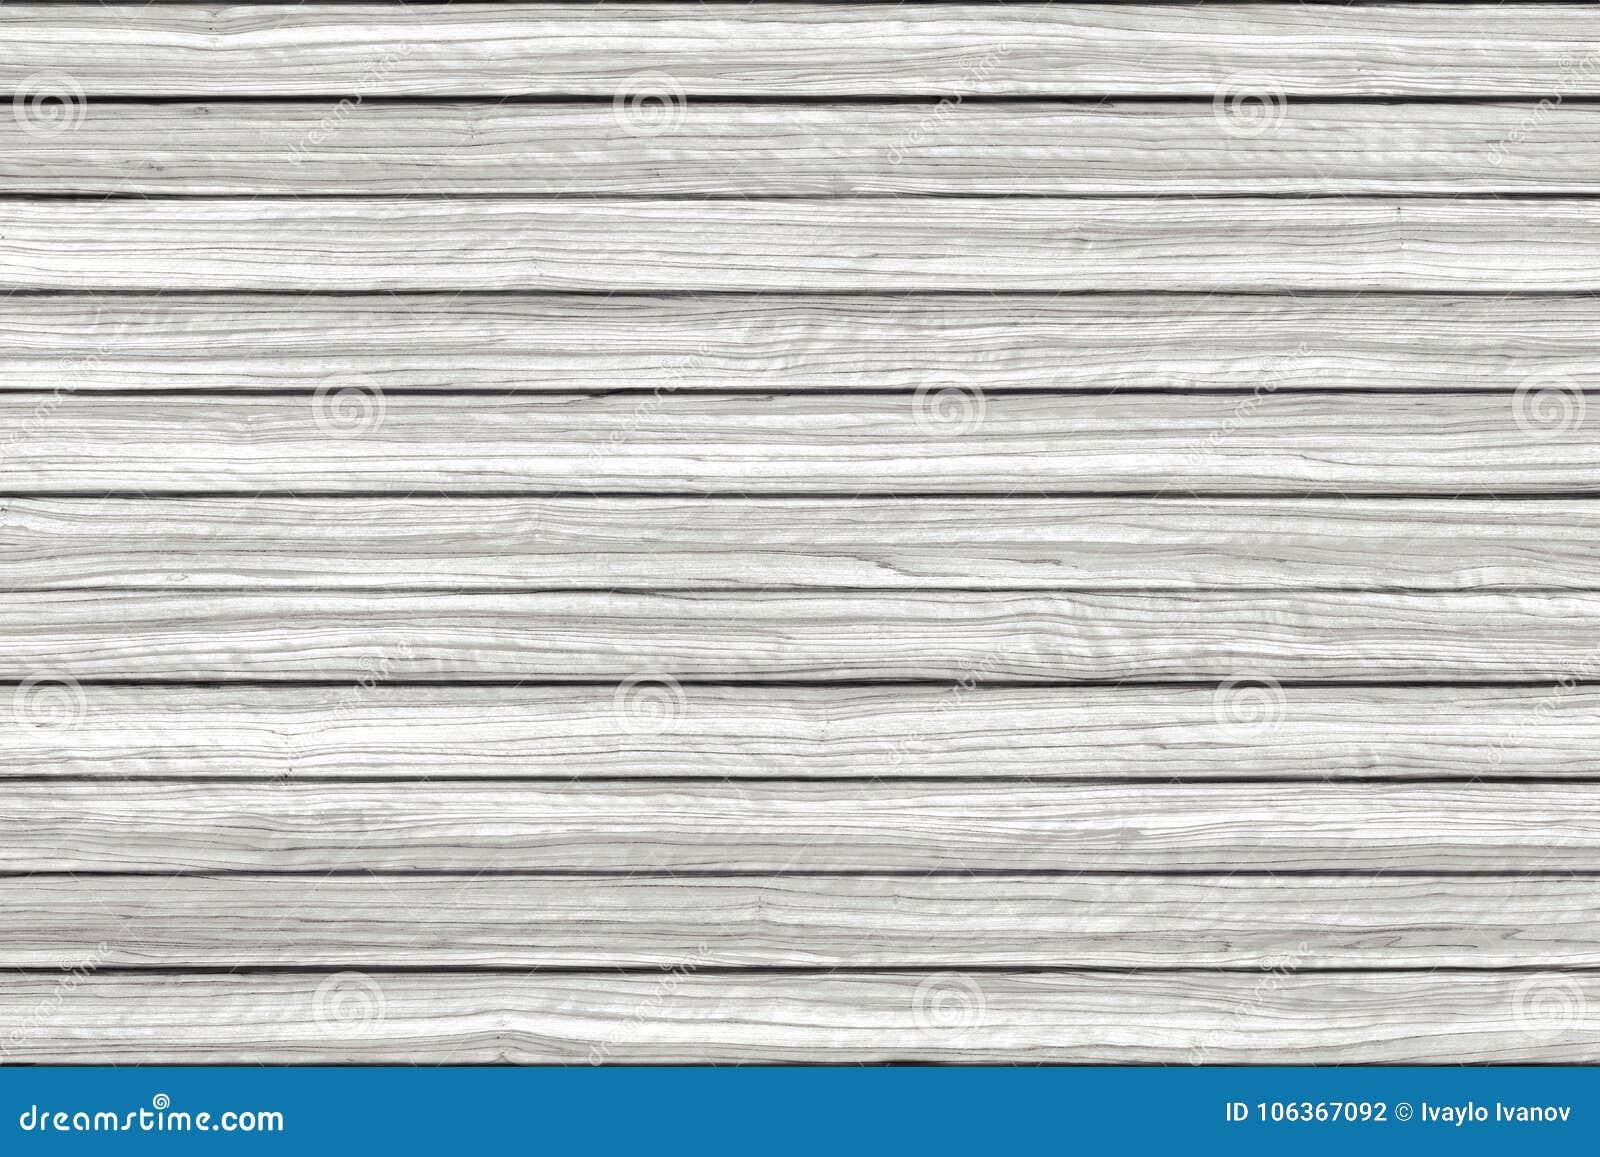 Άσπρο πλυμένο ξύλινο σχέδιο τοίχων μεταλλεύματος πατωμάτων καφετί δάσος σύστασης σκιών ανασκόπησης